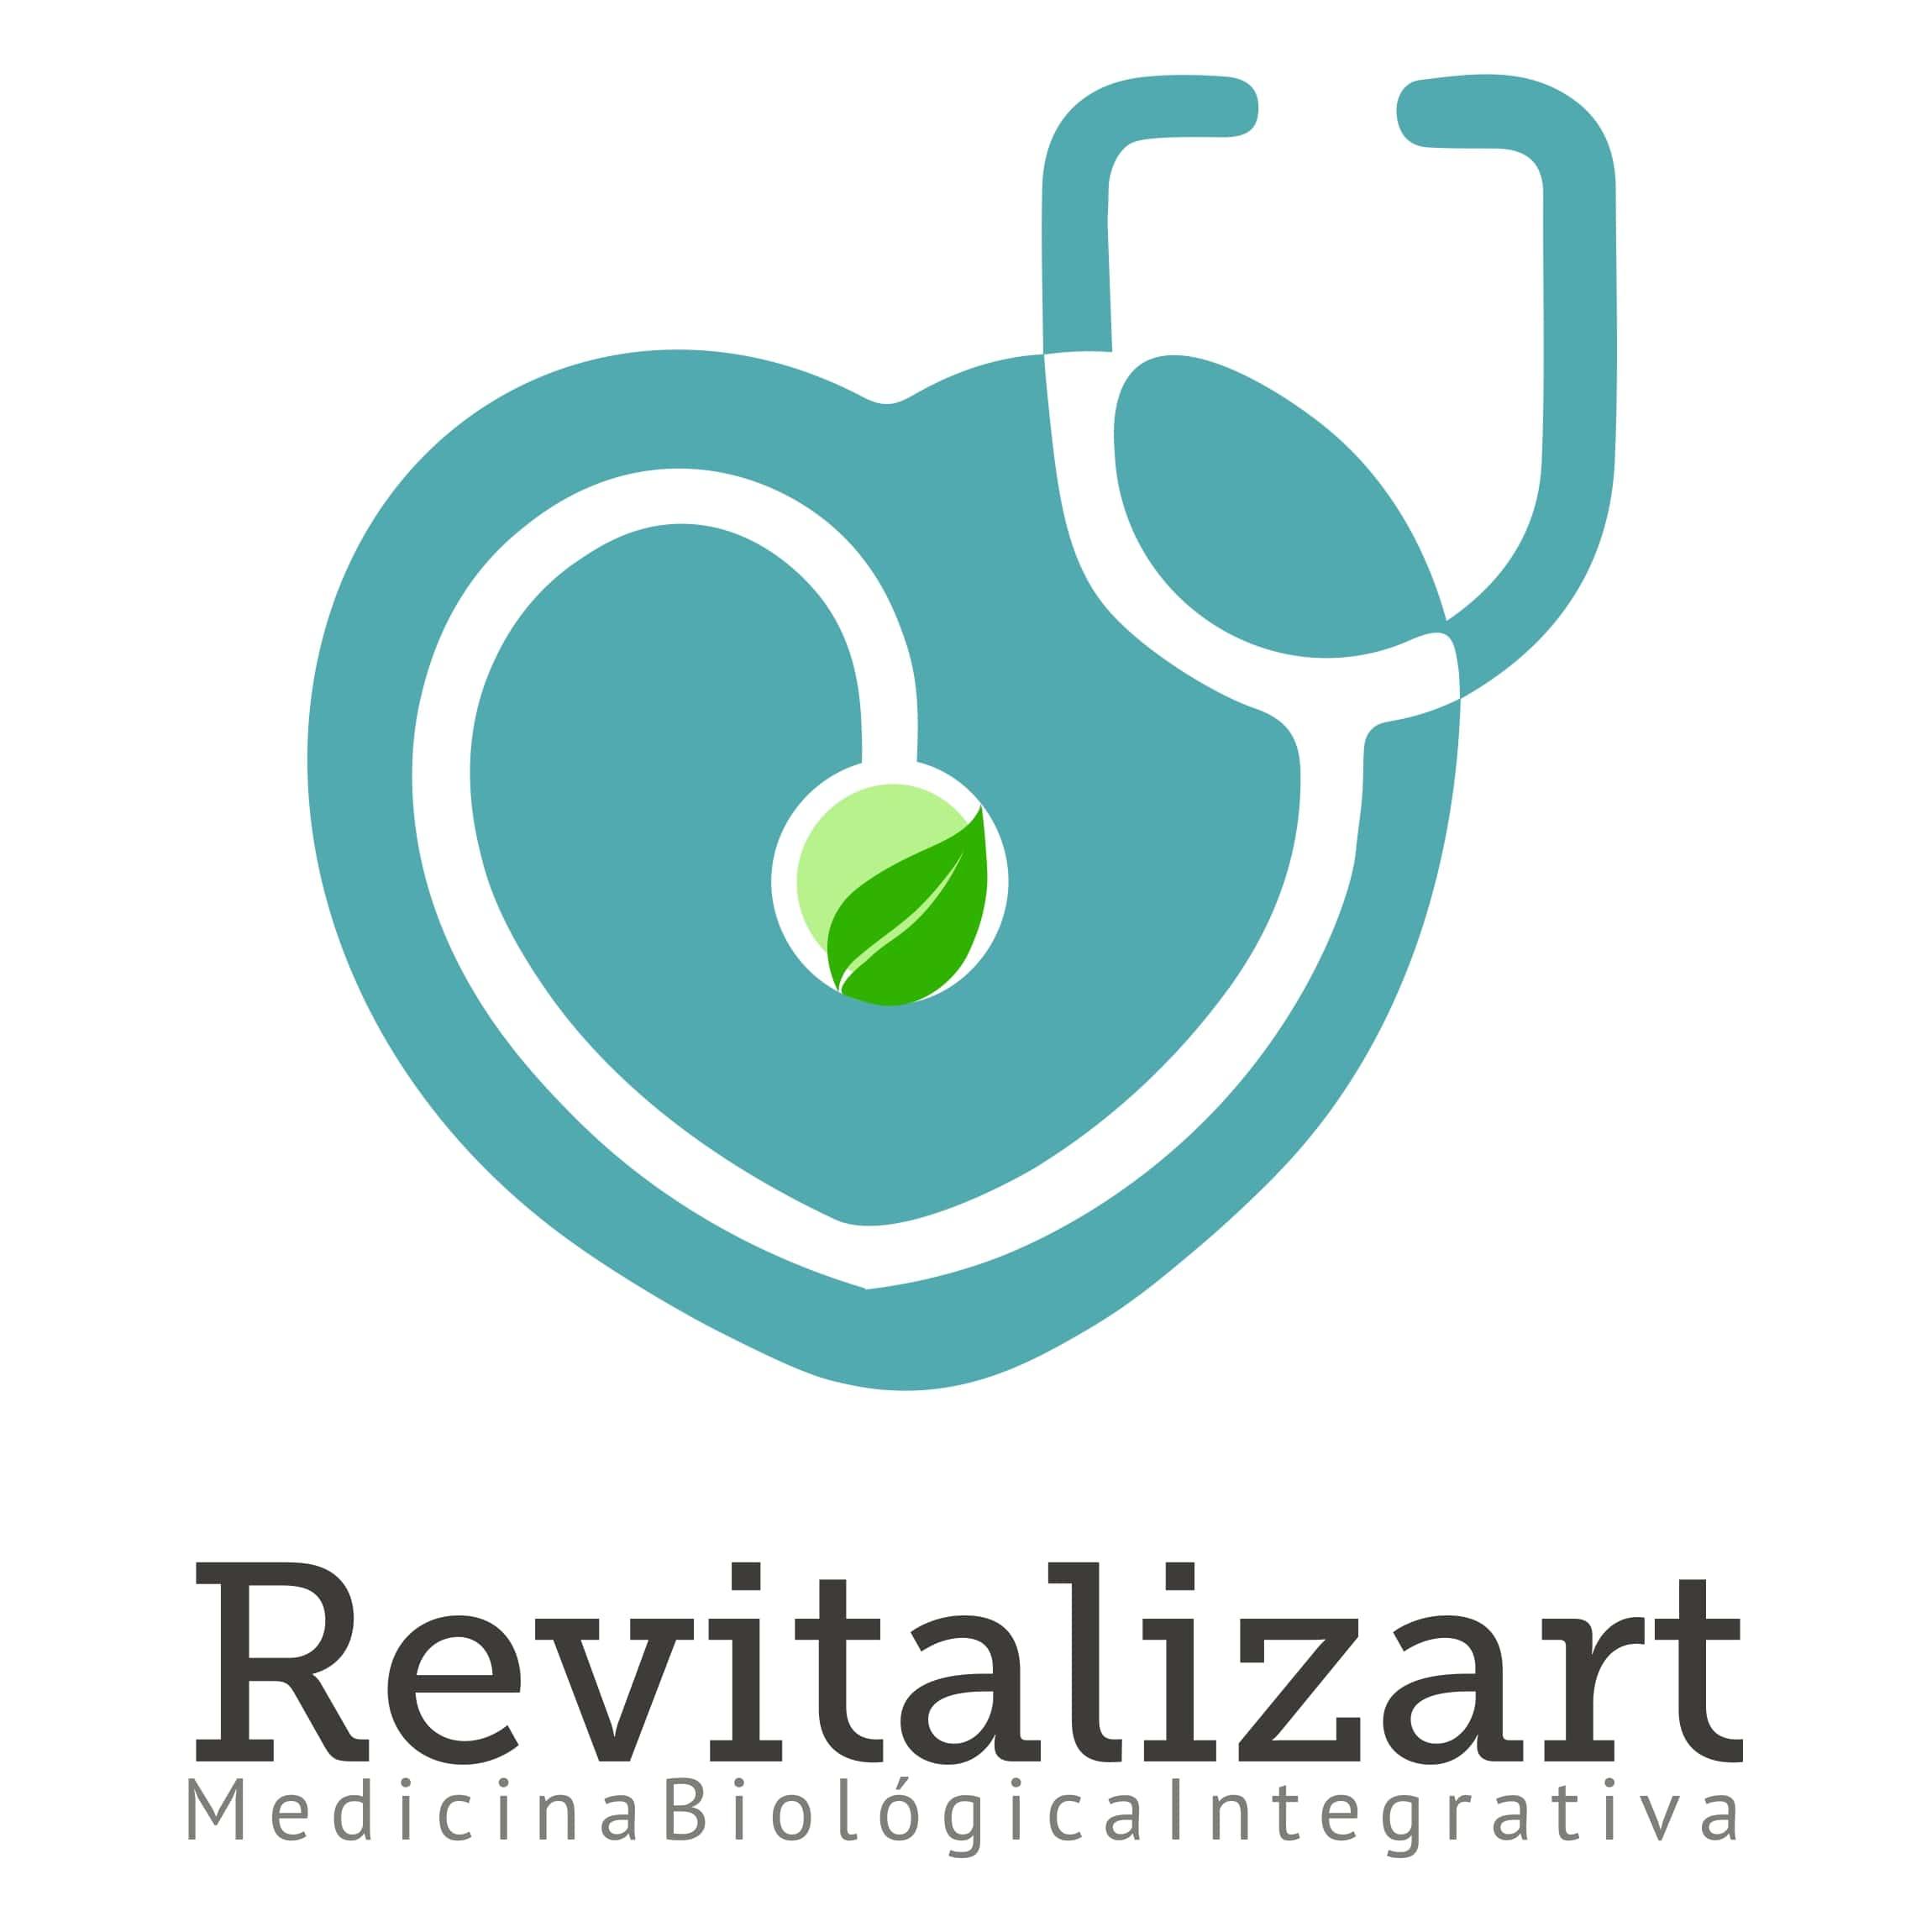 Revitalizart